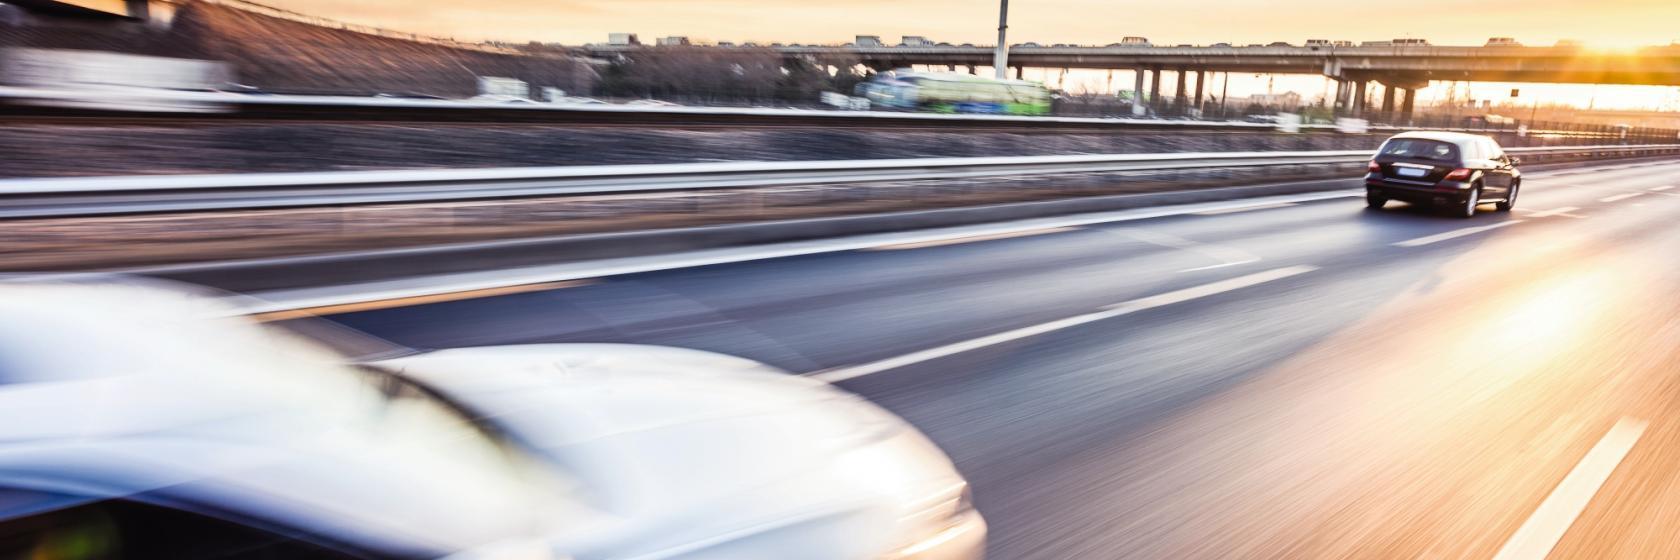 Automotive  - driven by innovation